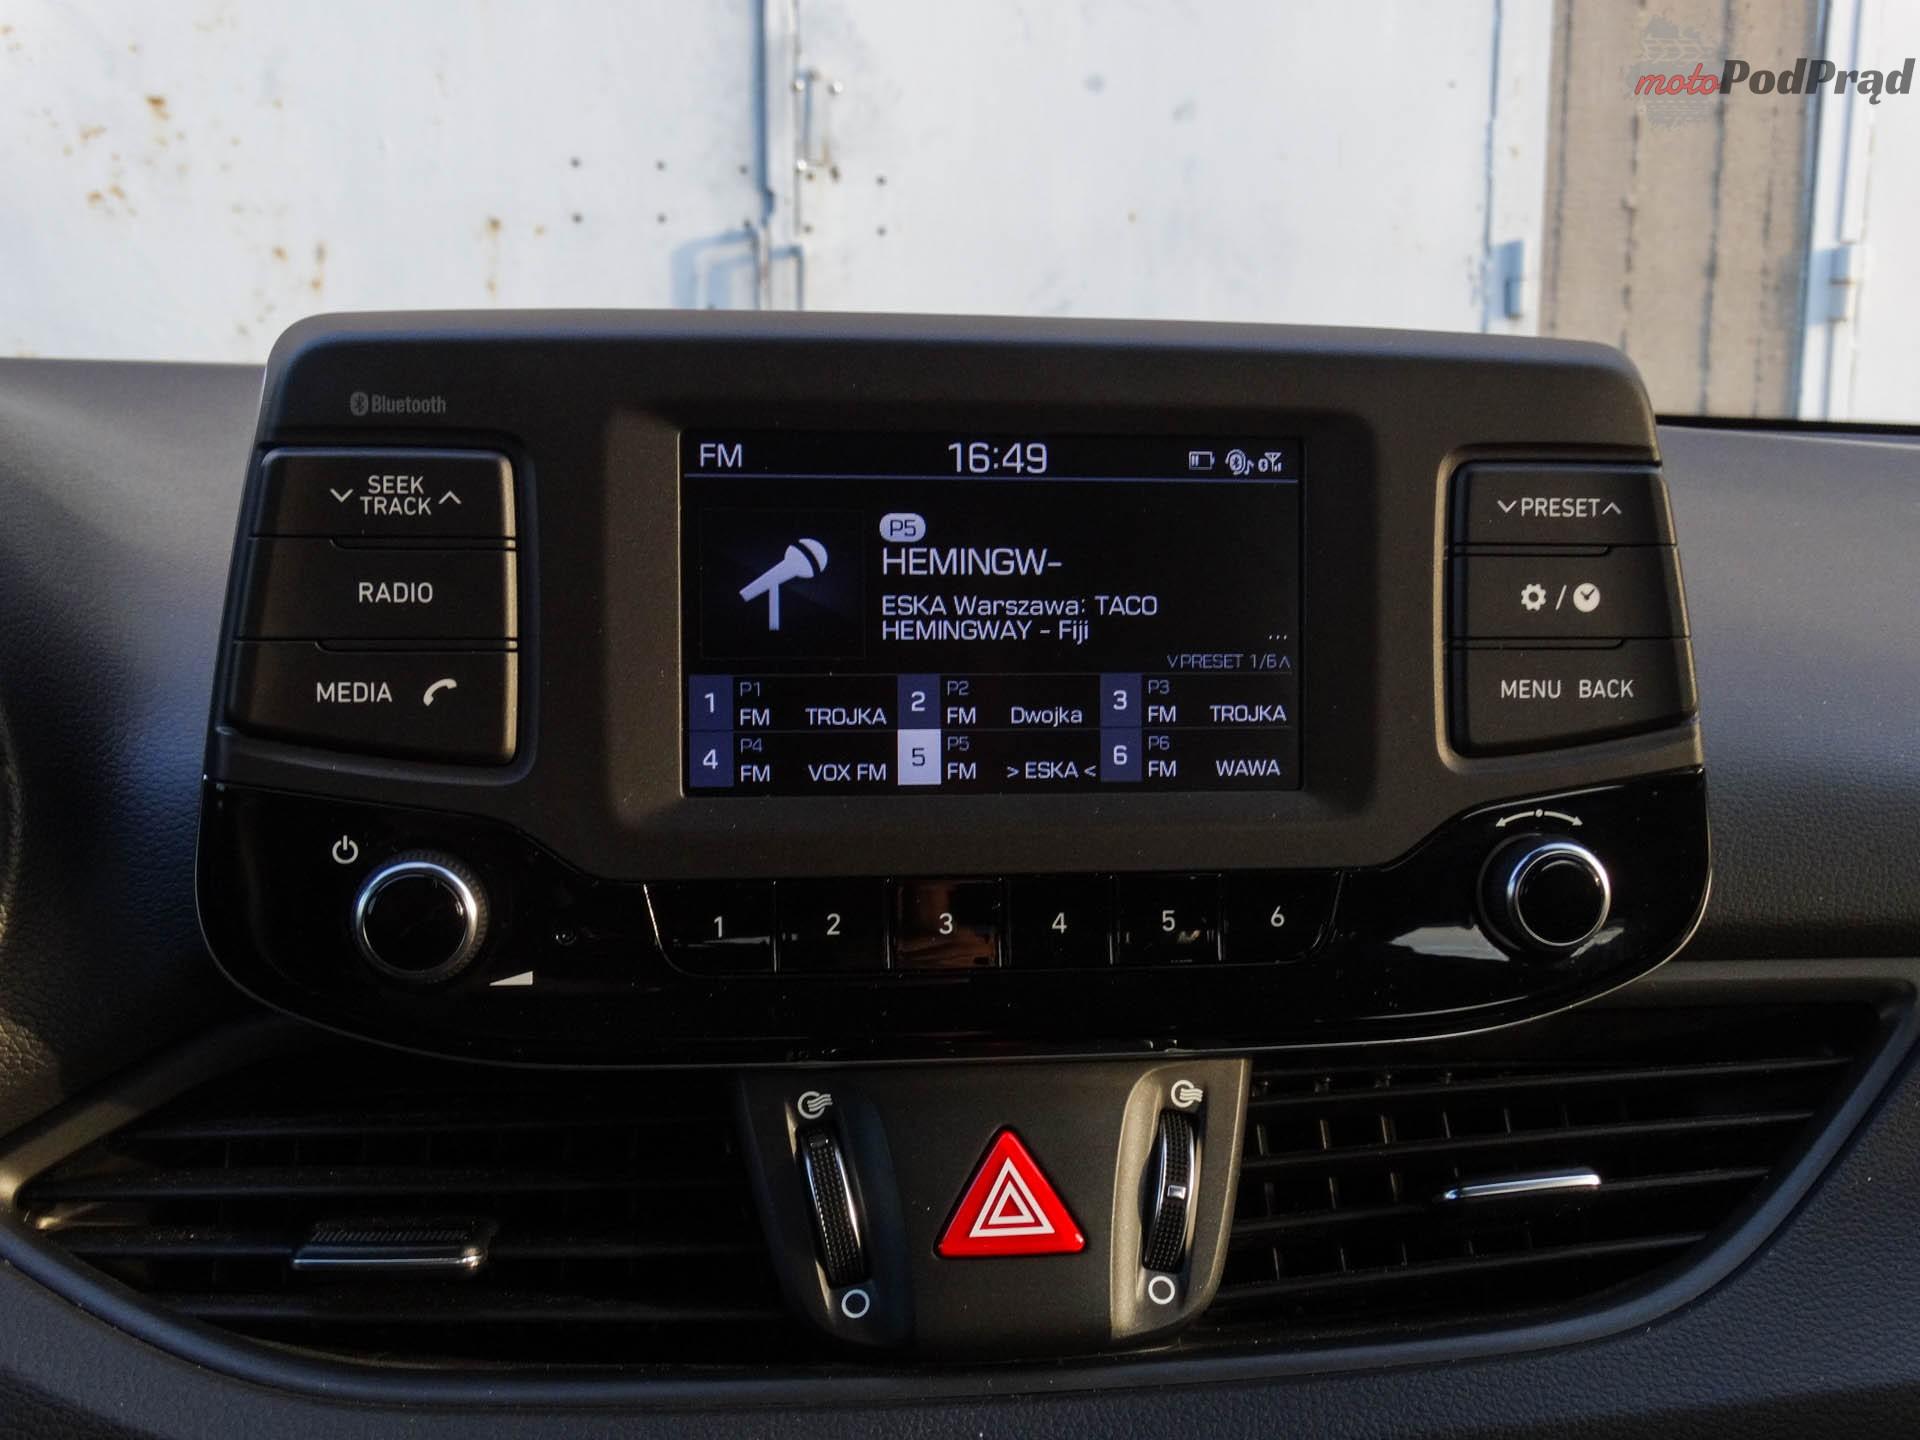 Hyundai i30 fastback 9 Test: Hyundai i30 fastback czyli kolejny krok milowy marki